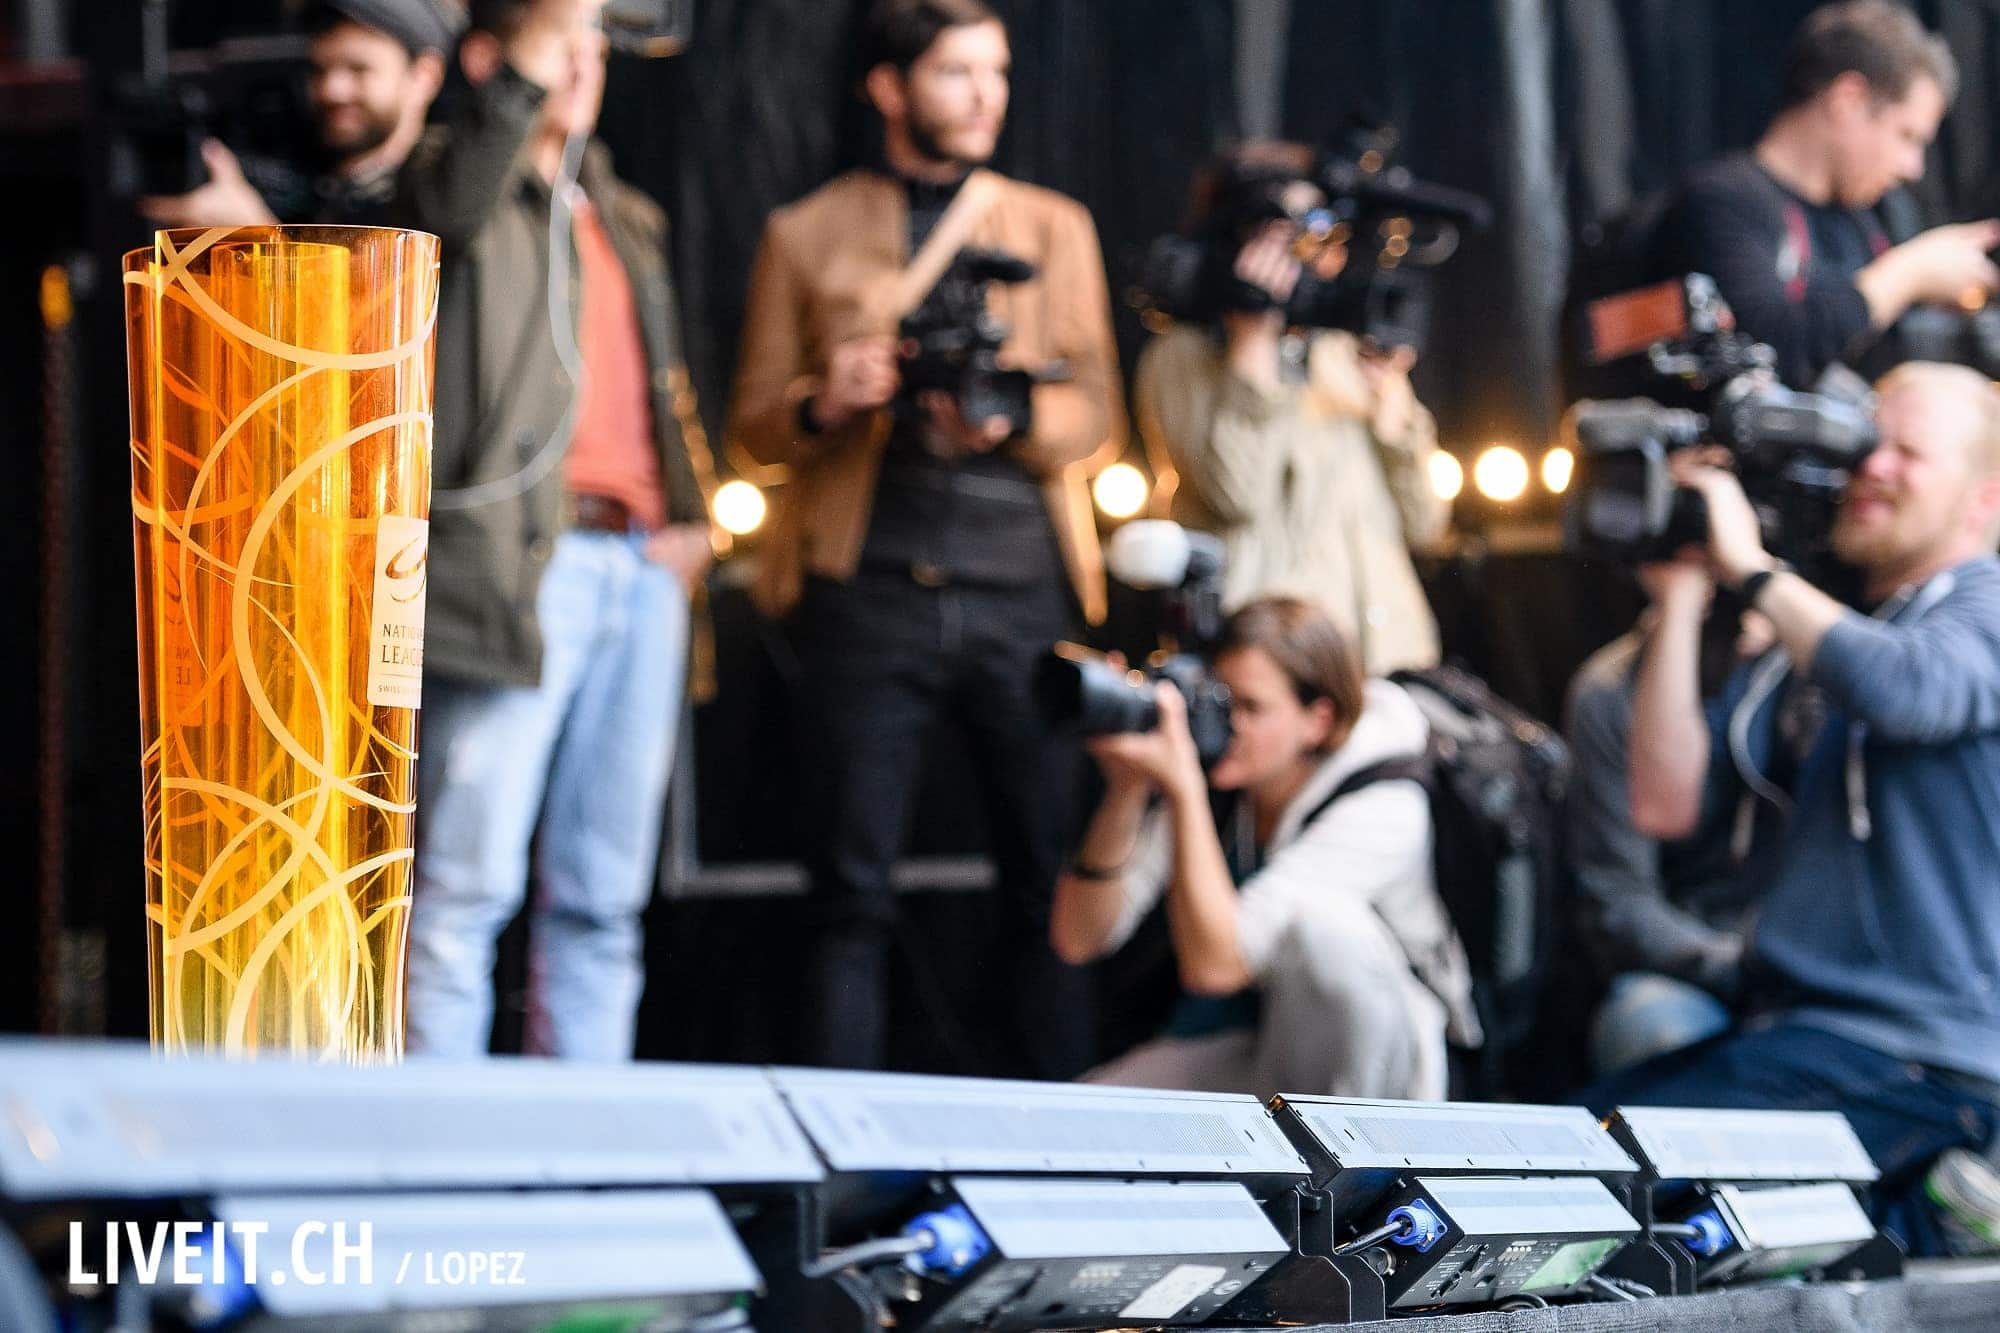 16.04.2016; Bern; Eishockey SC Bern Meisterfeier Bern; Der Pokal an der Meisterfeier auf dem Bundesplatz in Bern (Manuel Lopez/freshfocus)